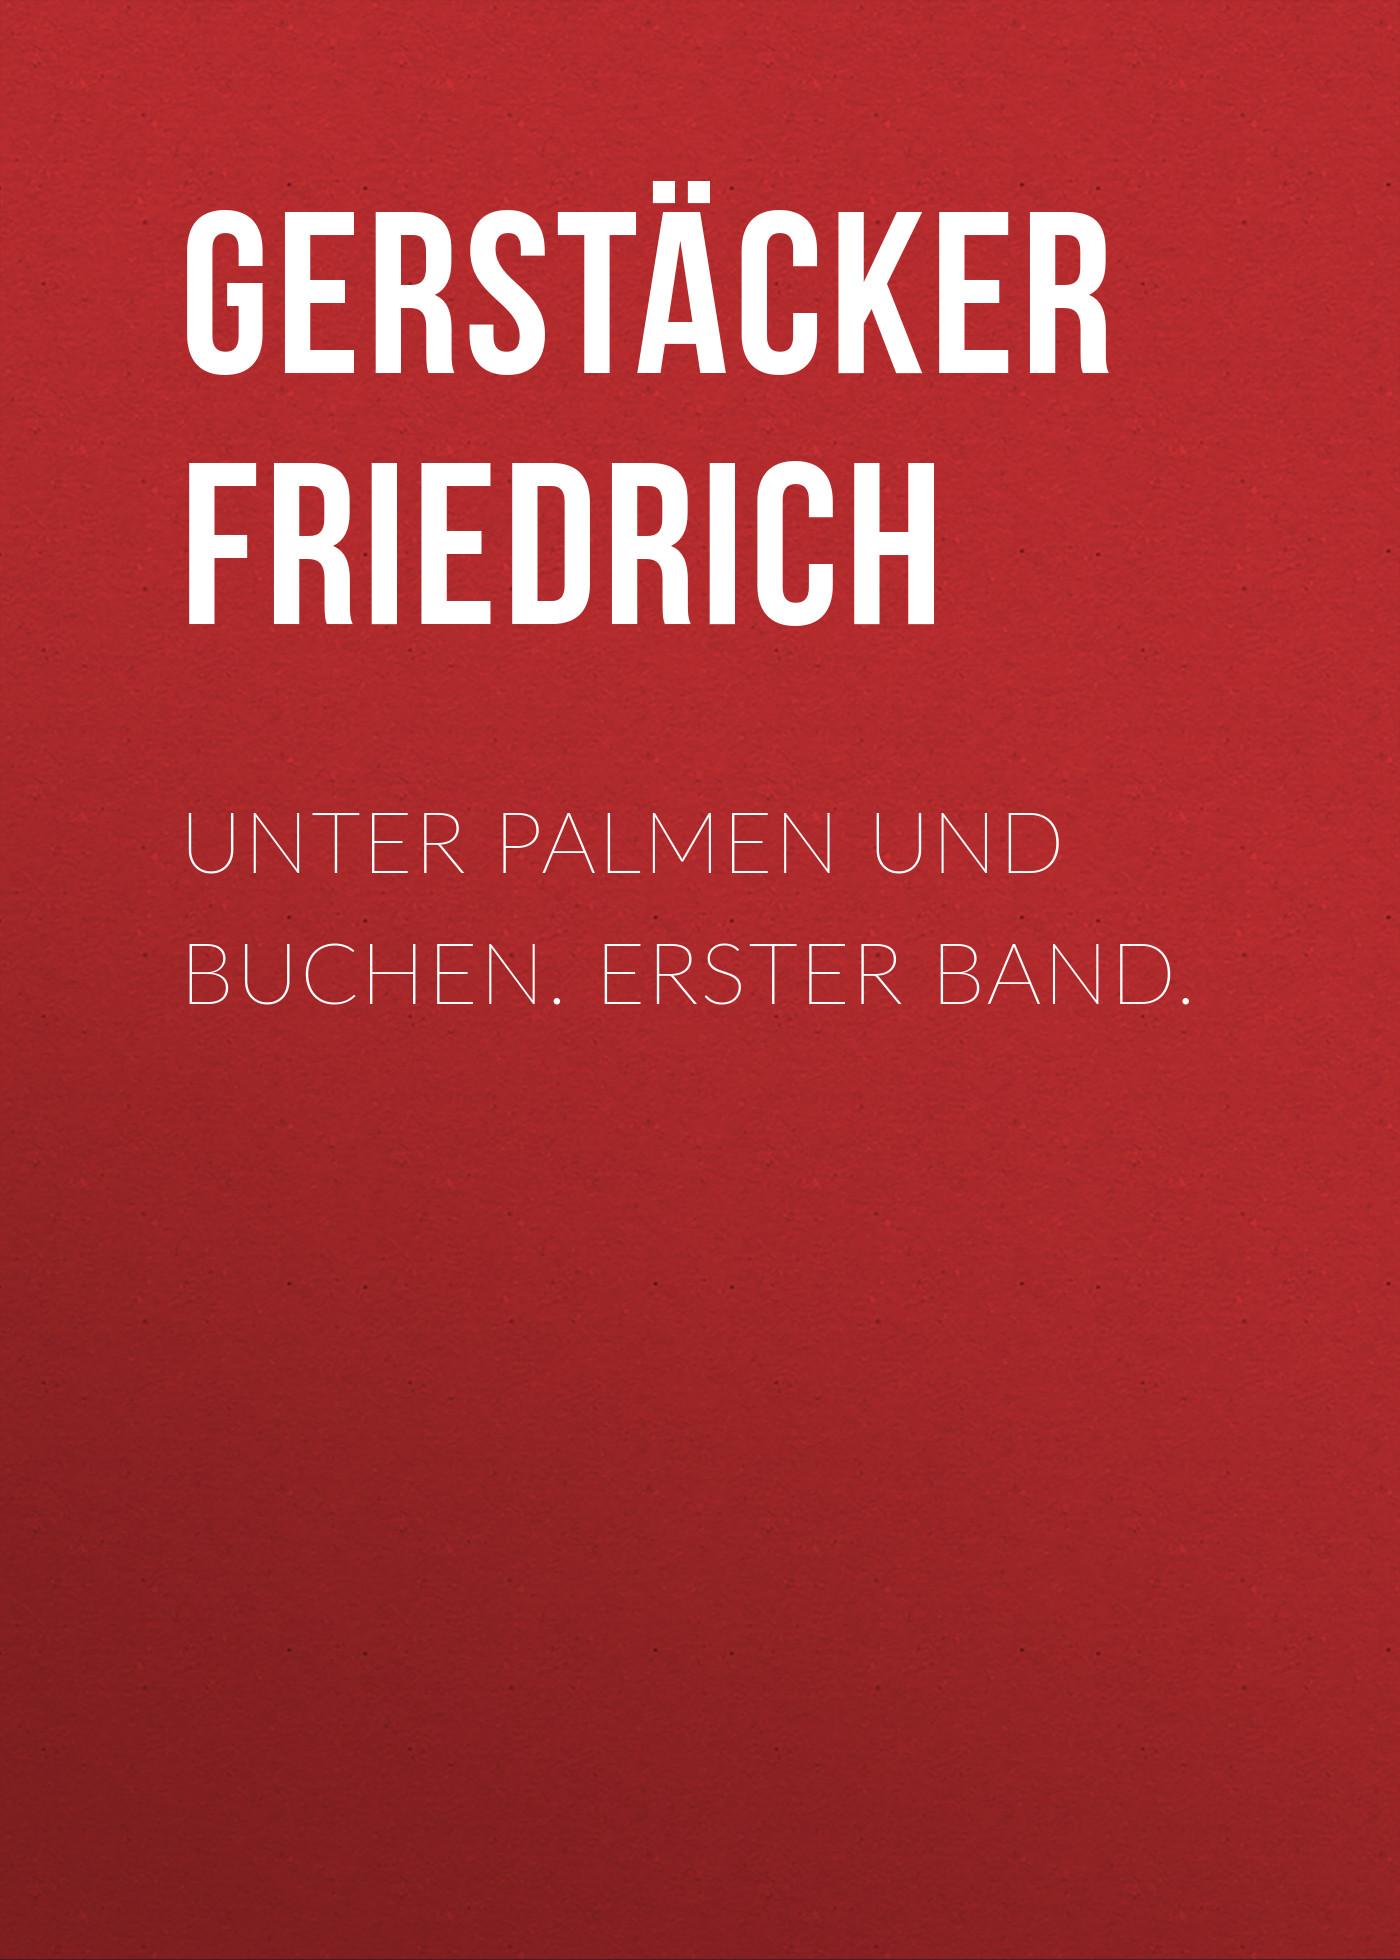 Gerstäcker Friedrich Unter Palmen und Buchen. Erster Band. j c saint homilien uber das evangelium des heiligen matthaus erster band